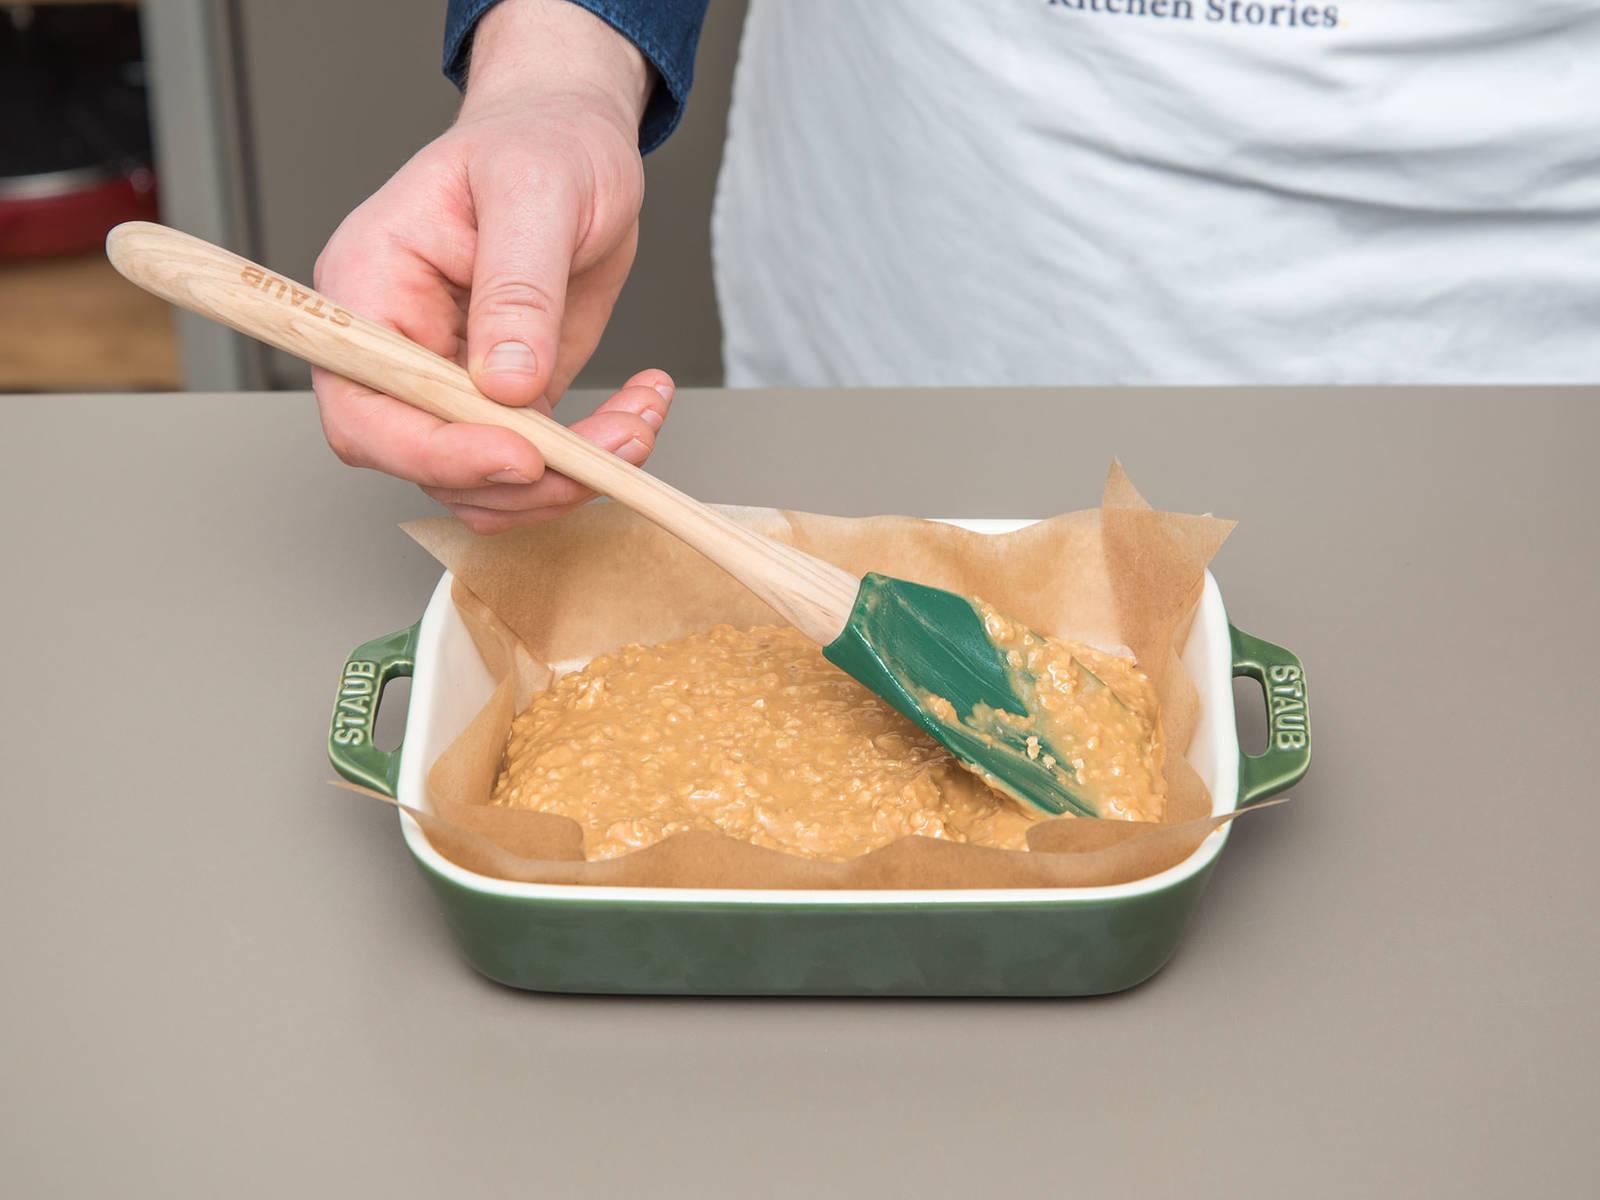 Auflaufform mit Backpapier auslegen und die Erdnussbutter-Hafer-Mischung gleichmäßig darin verteilen und glatt streichen. Ca. 20 Min. in den Gefrierschrank stellen.